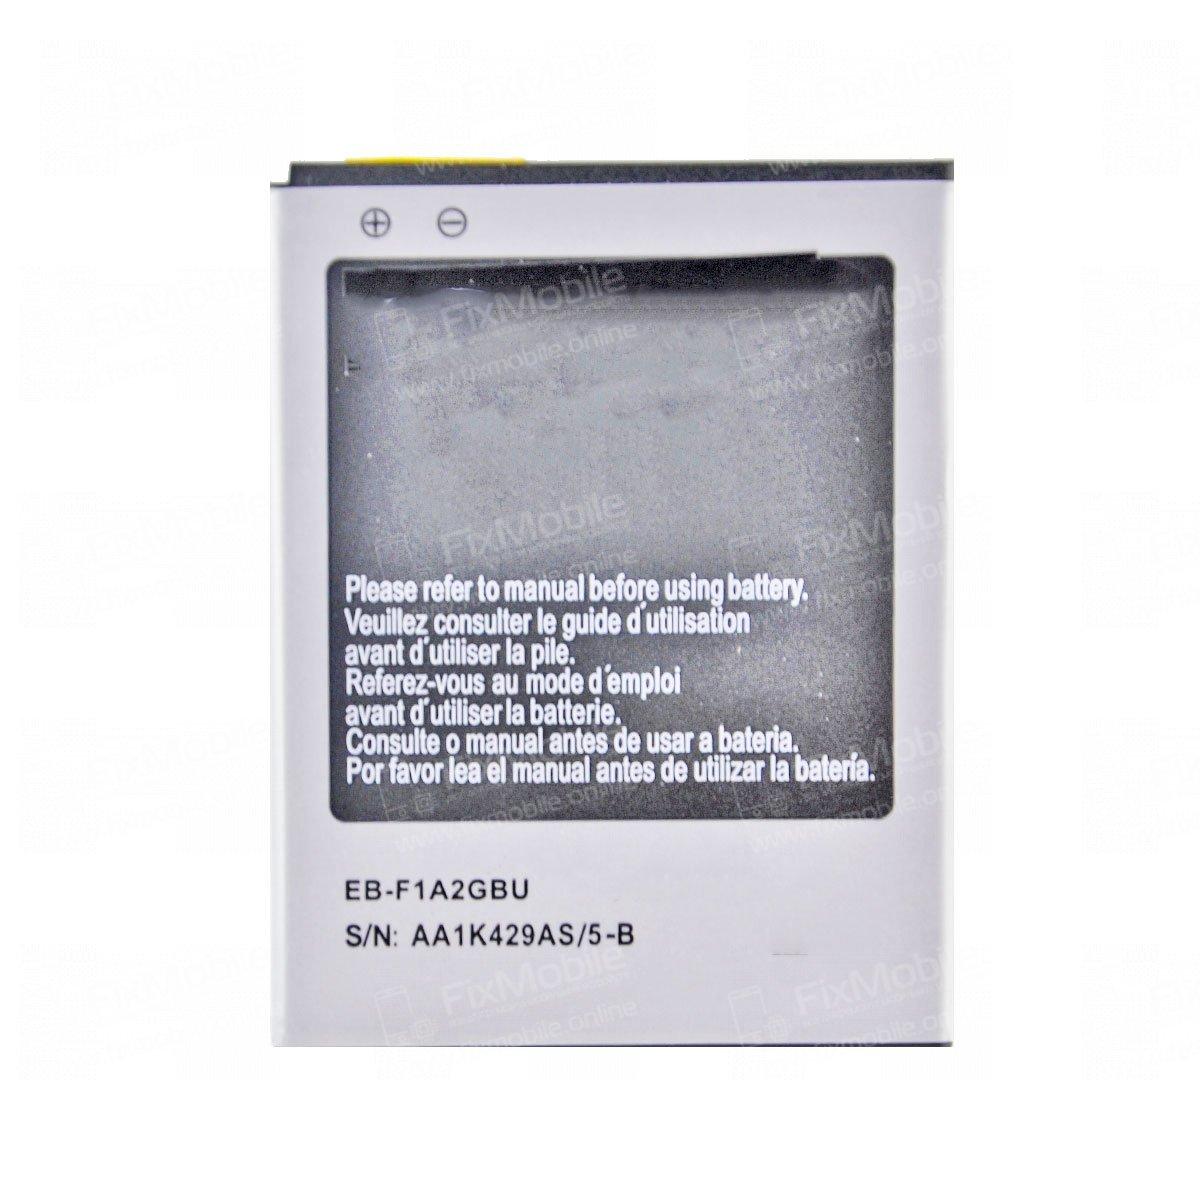 Аккумуляторная батарея для Samsung Galaxy S2 (i9100) EB-F1A2GBU